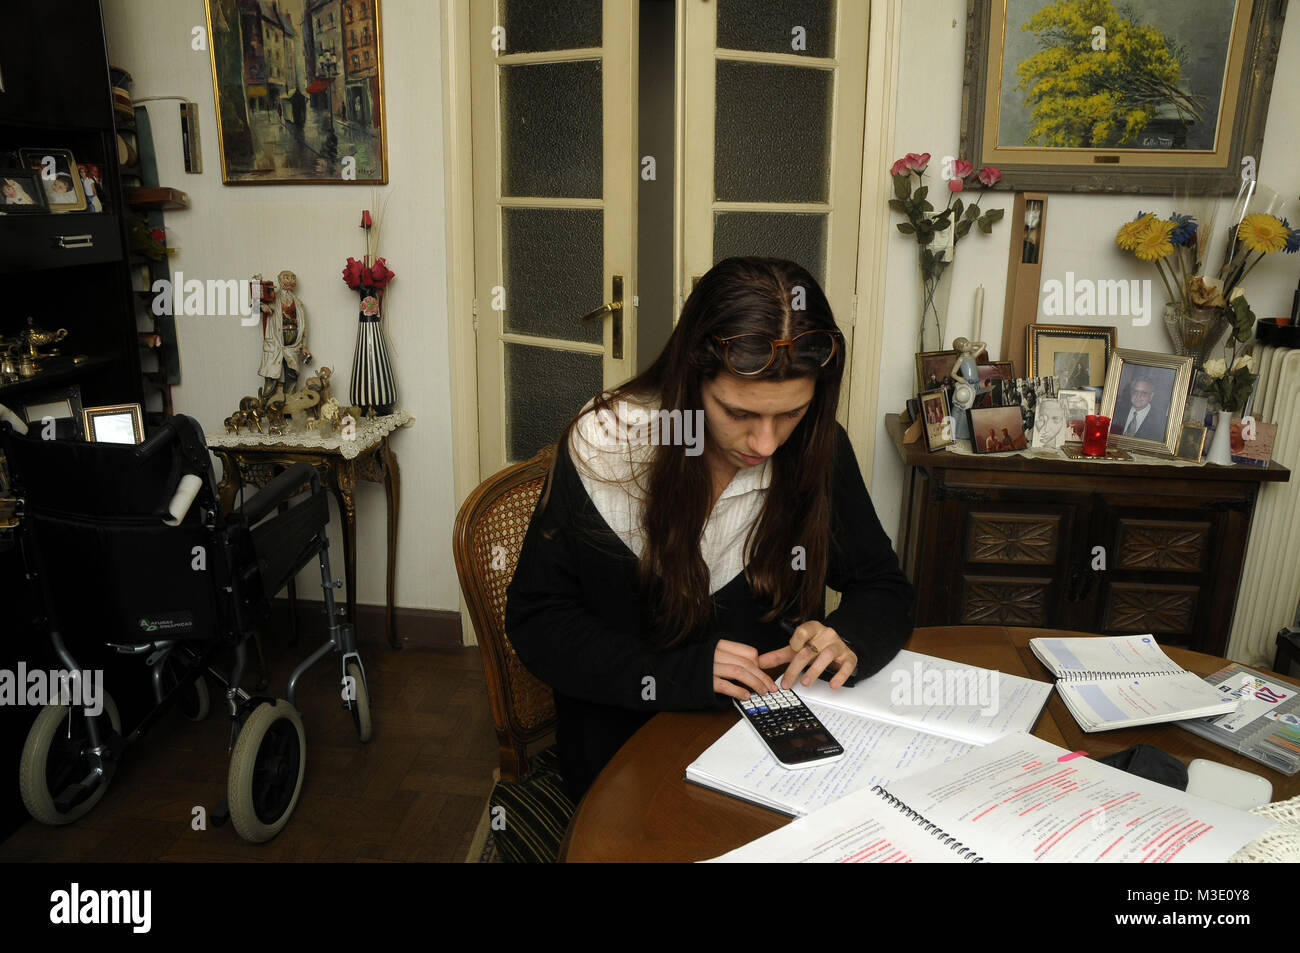 Ragazza giovane facendo home ingegneria chimica homeworks a casa Immagini Stock